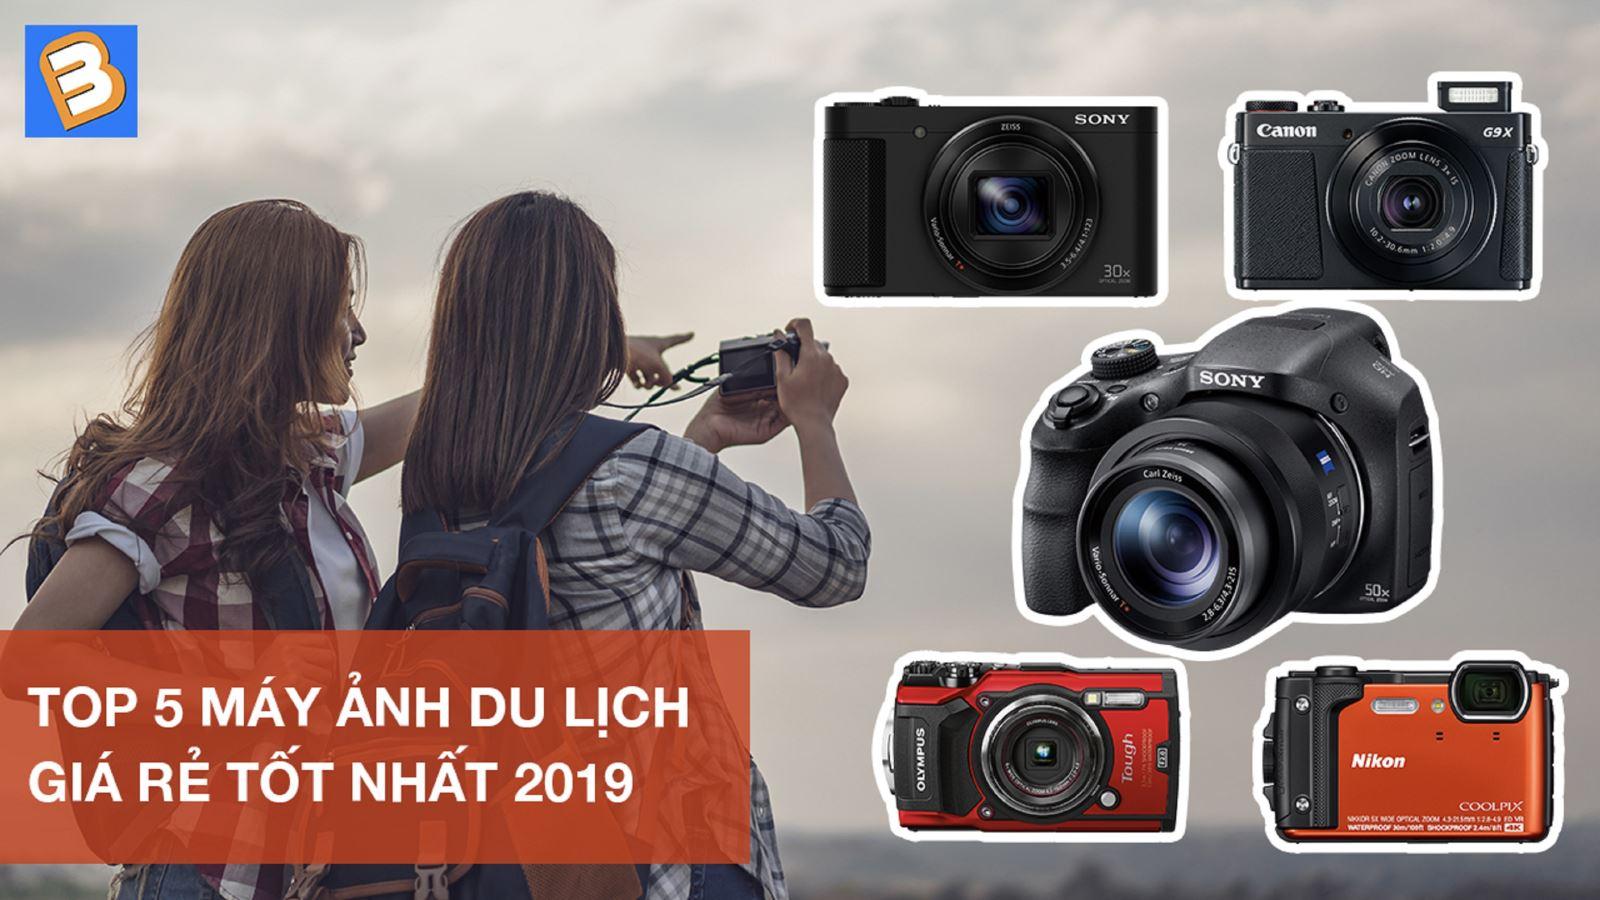 Top 5 máy ảnh du lịch giá rẻ tốt nhất 2019